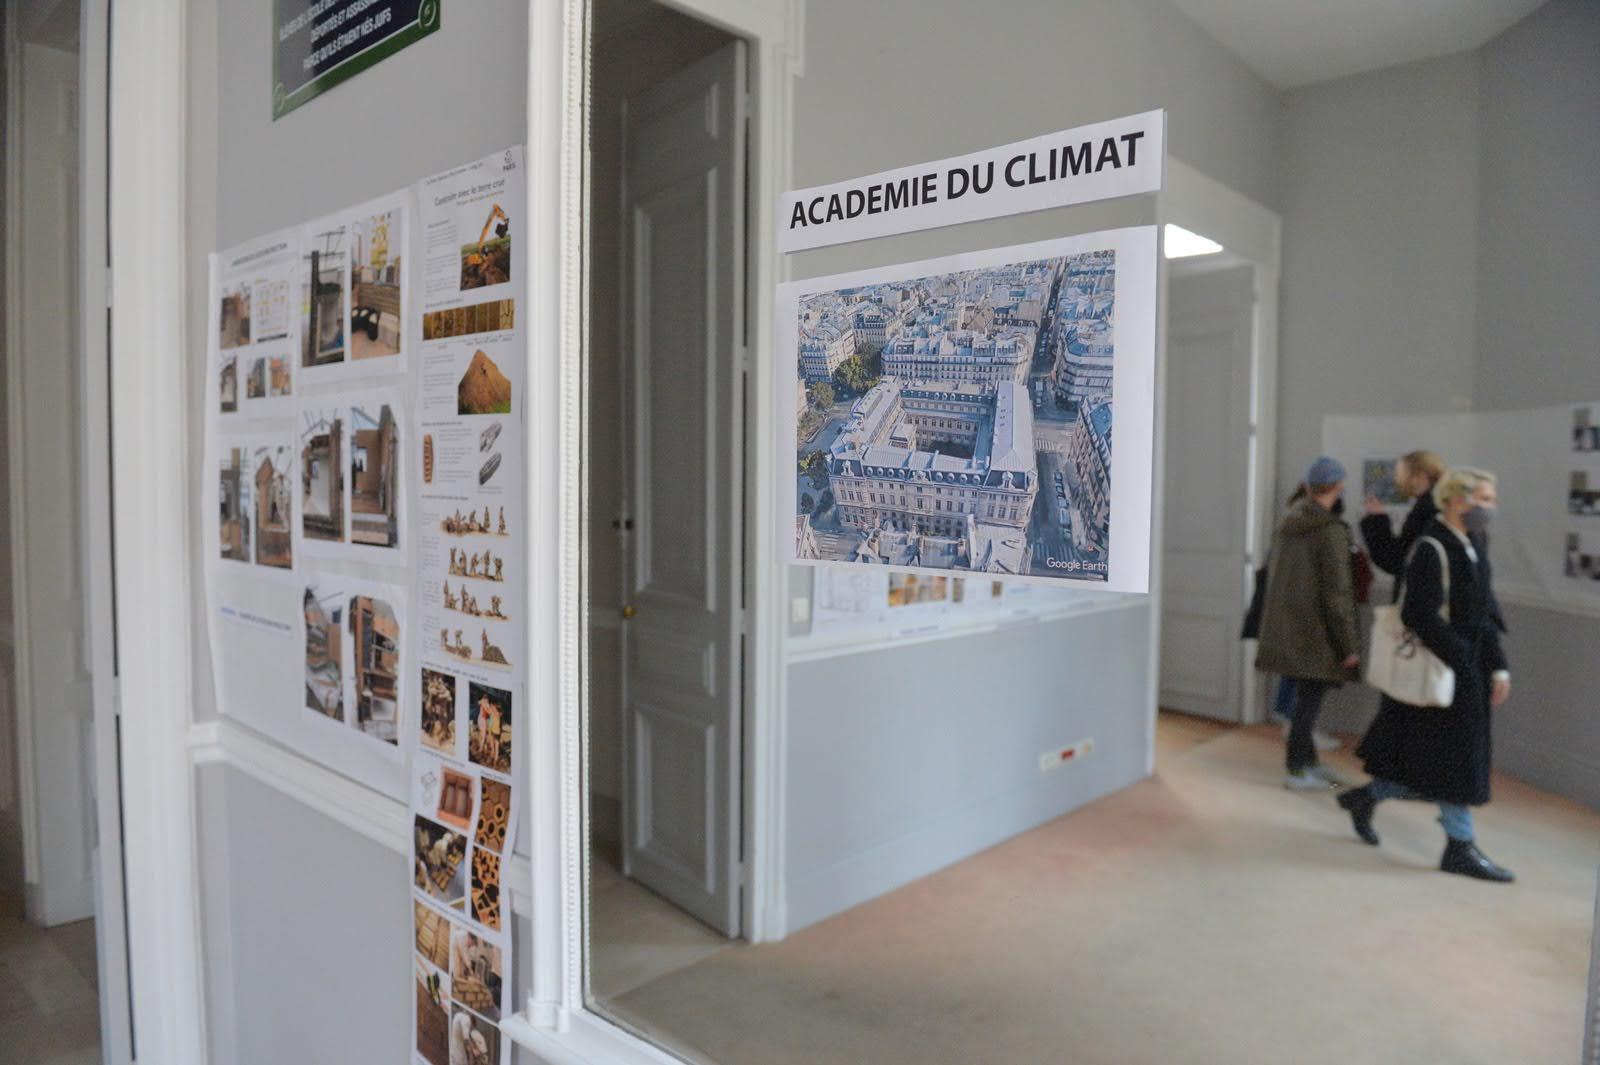 L'académie du climat